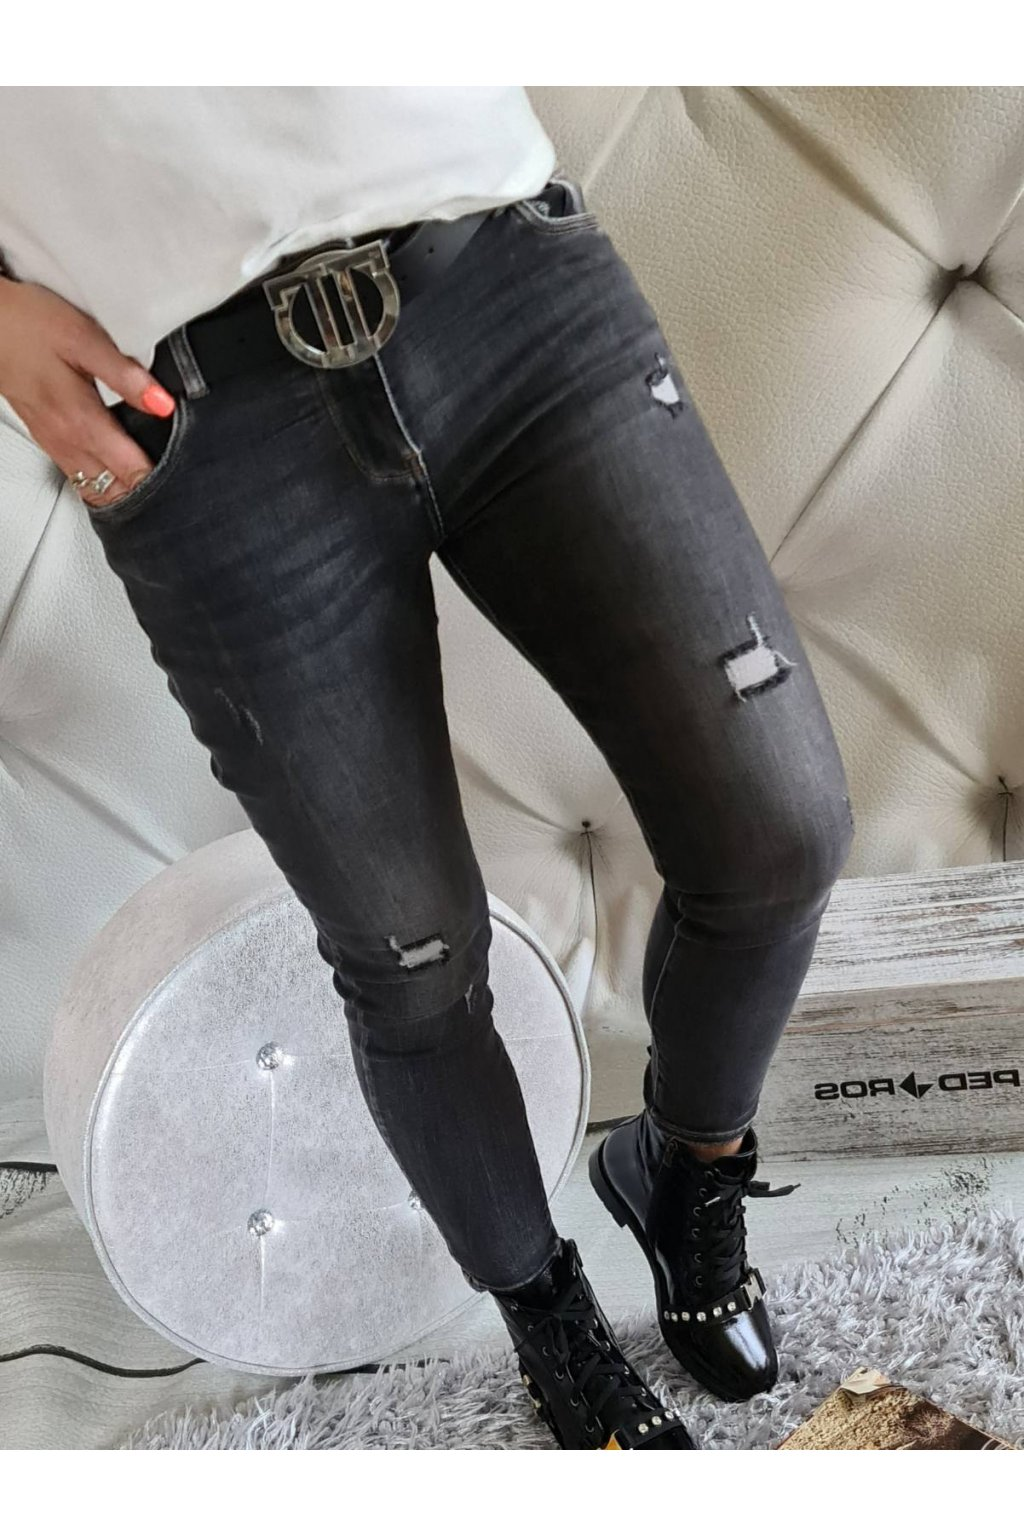 jeans černé elatické trendy